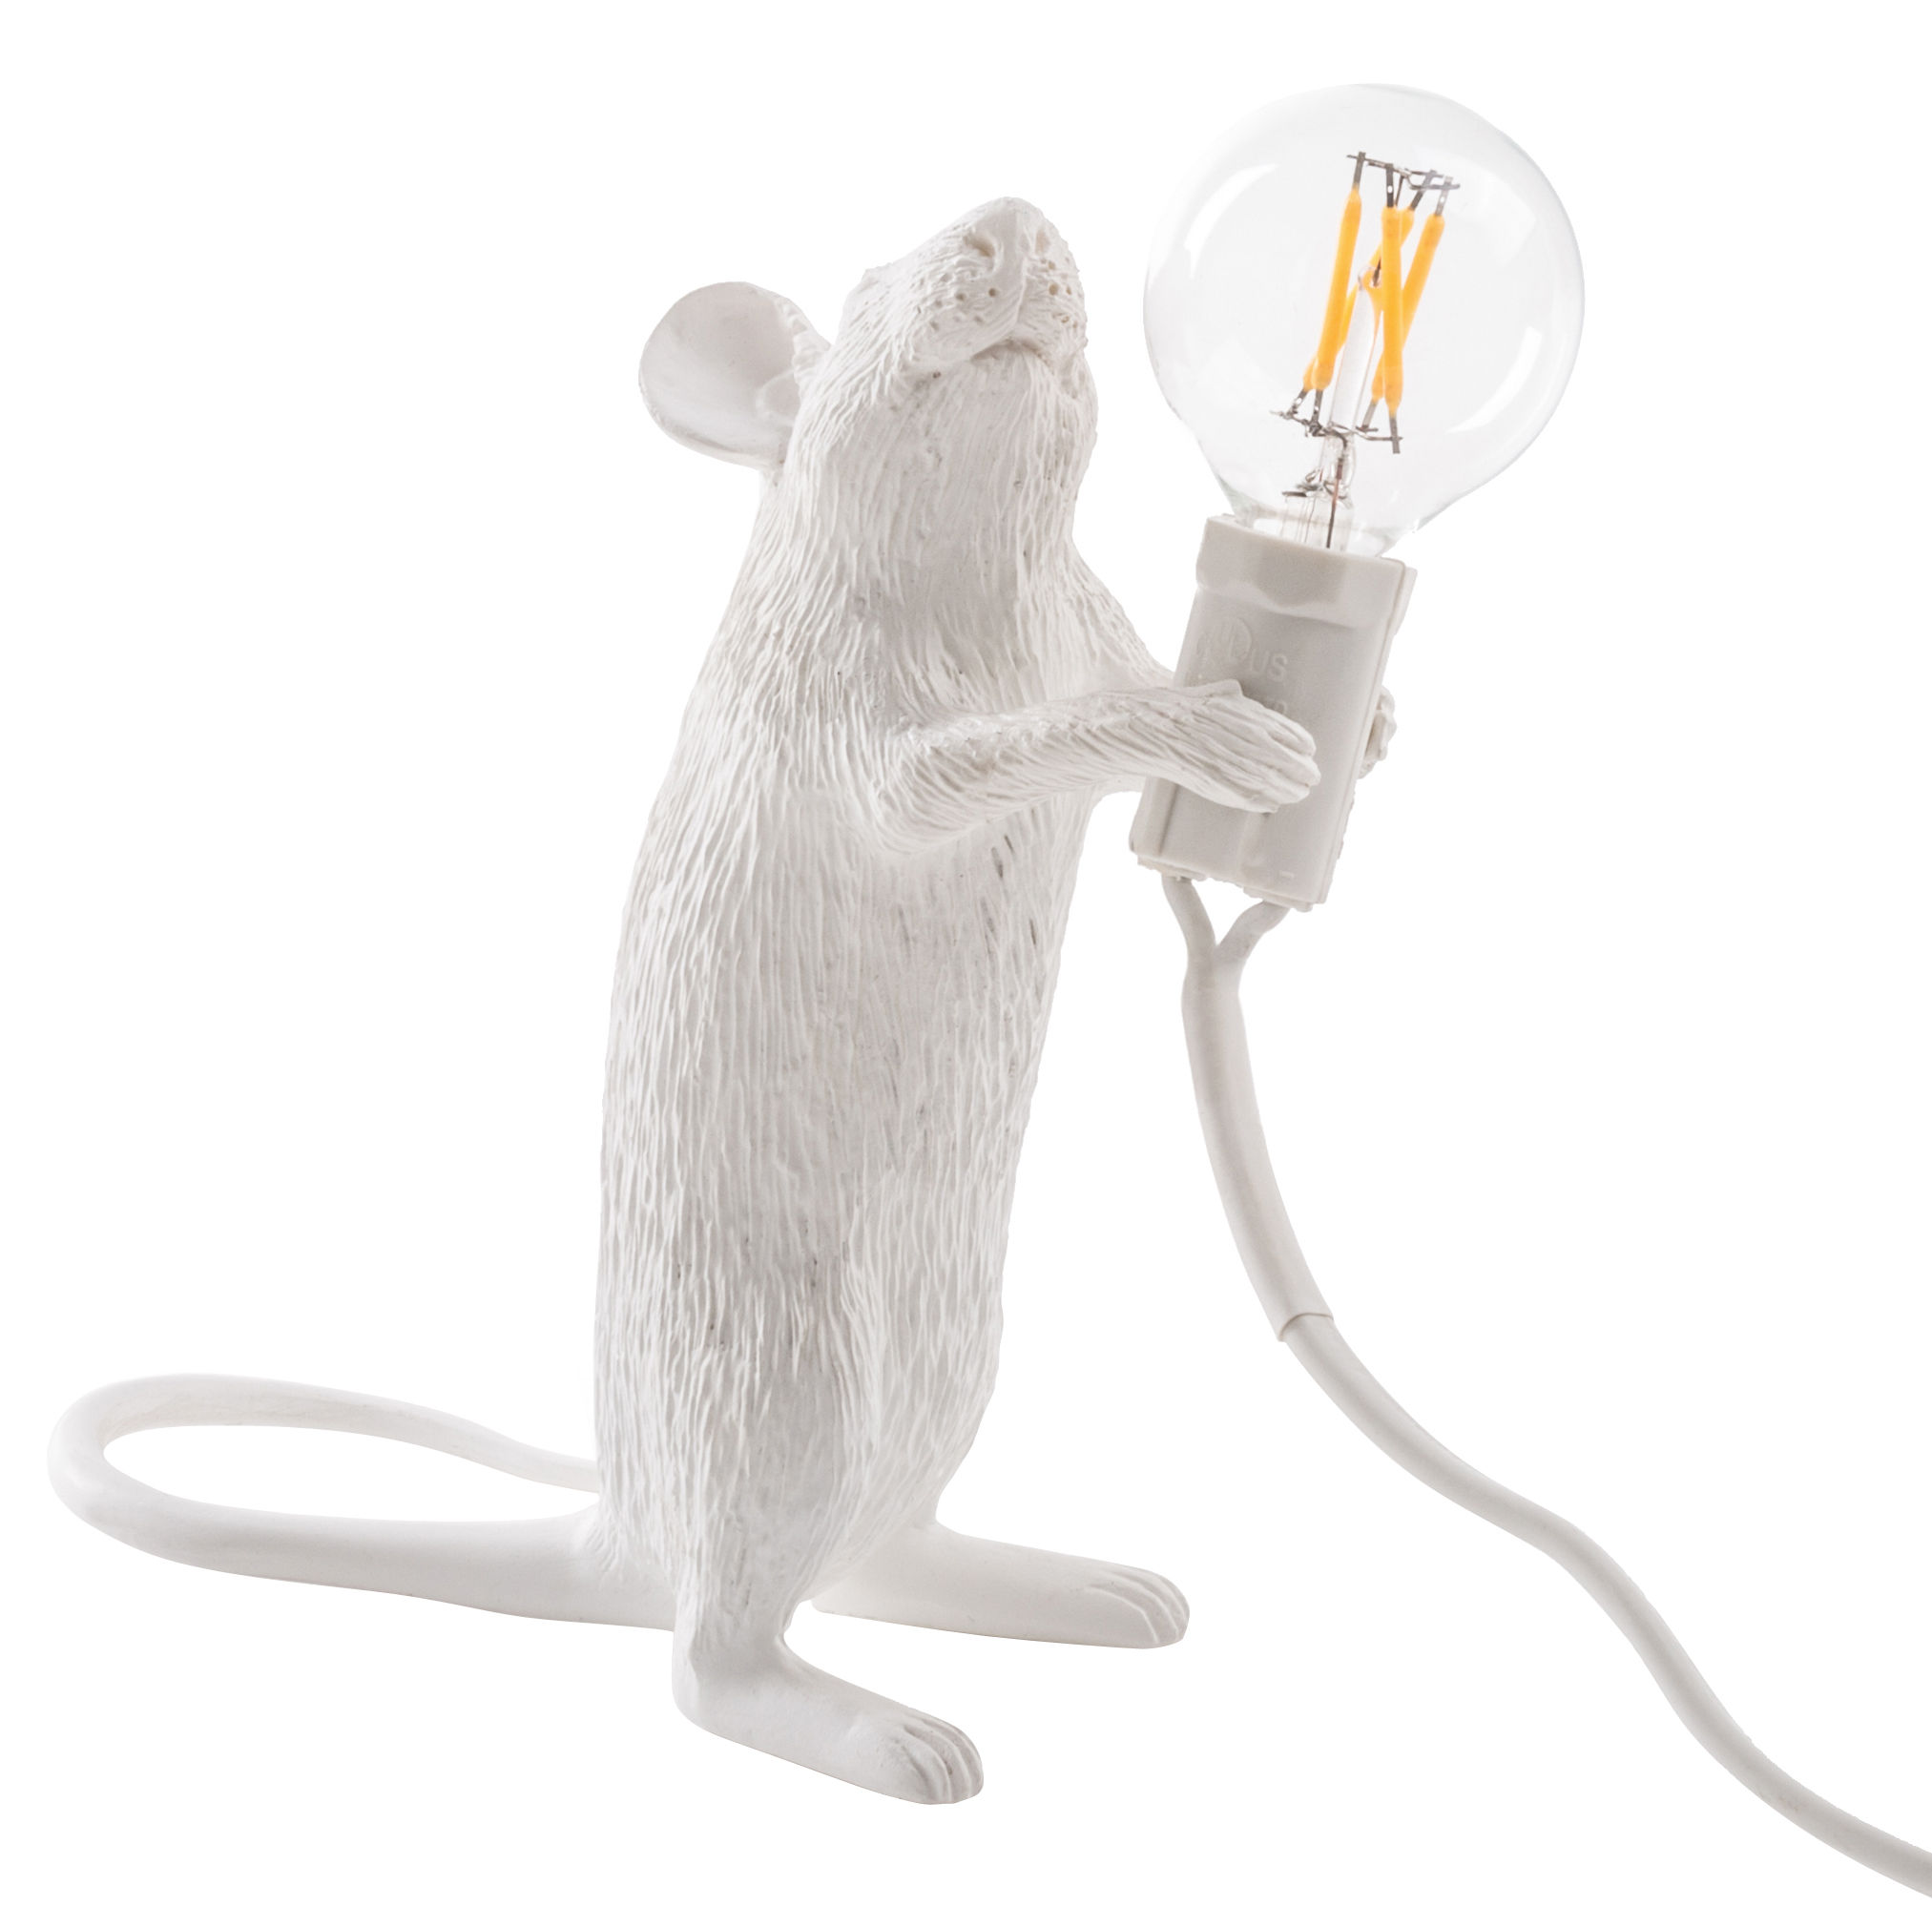 Déco - Pour les enfants - Lampe de table Mouse Standing #1 / Souris debout - Seletti - Blanc - Résine